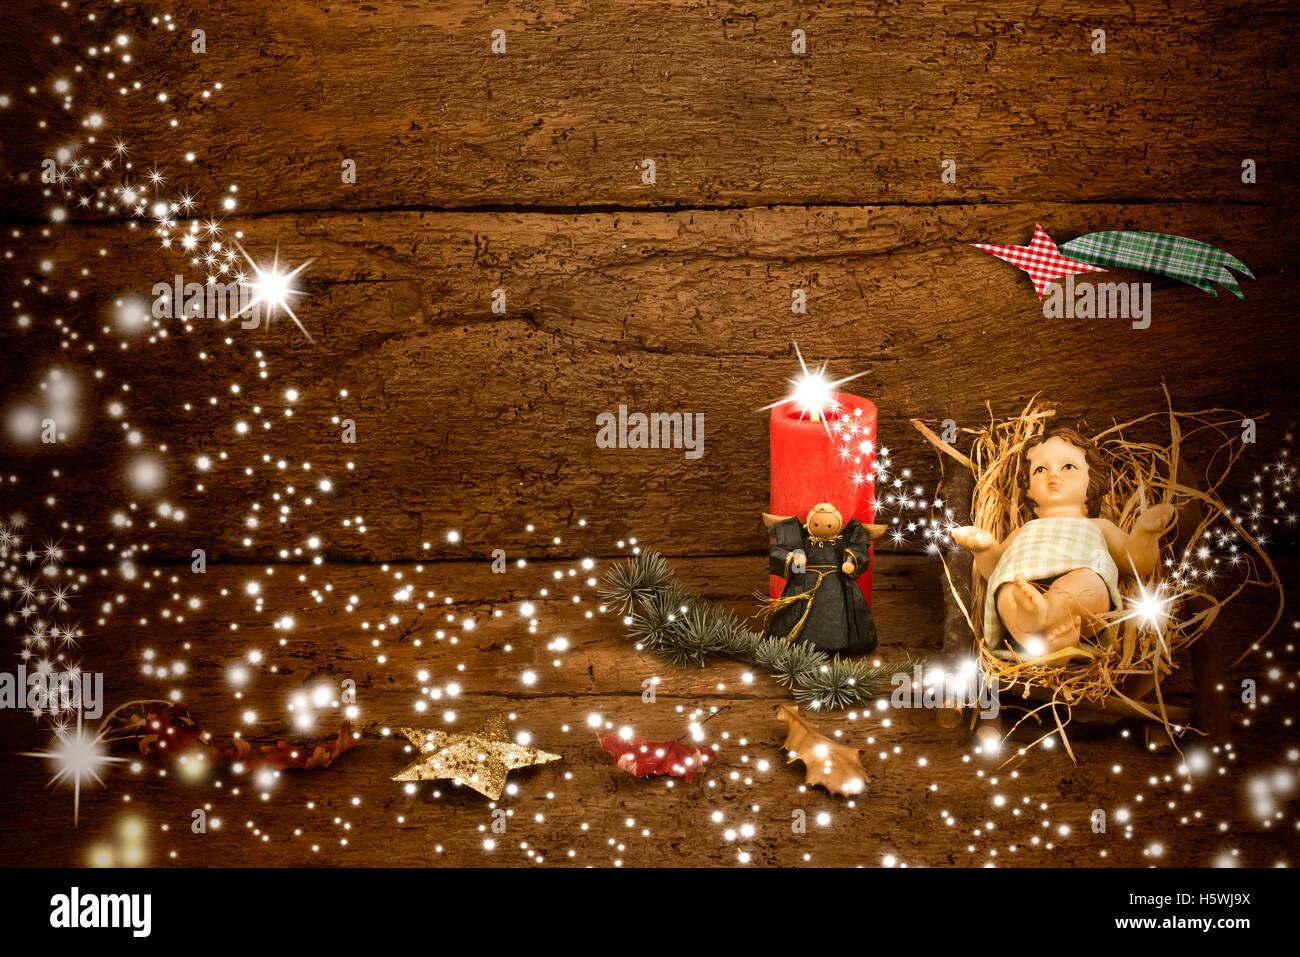 Carte de Noël avec l'espace pour le message, l'Enfant Jésus dans